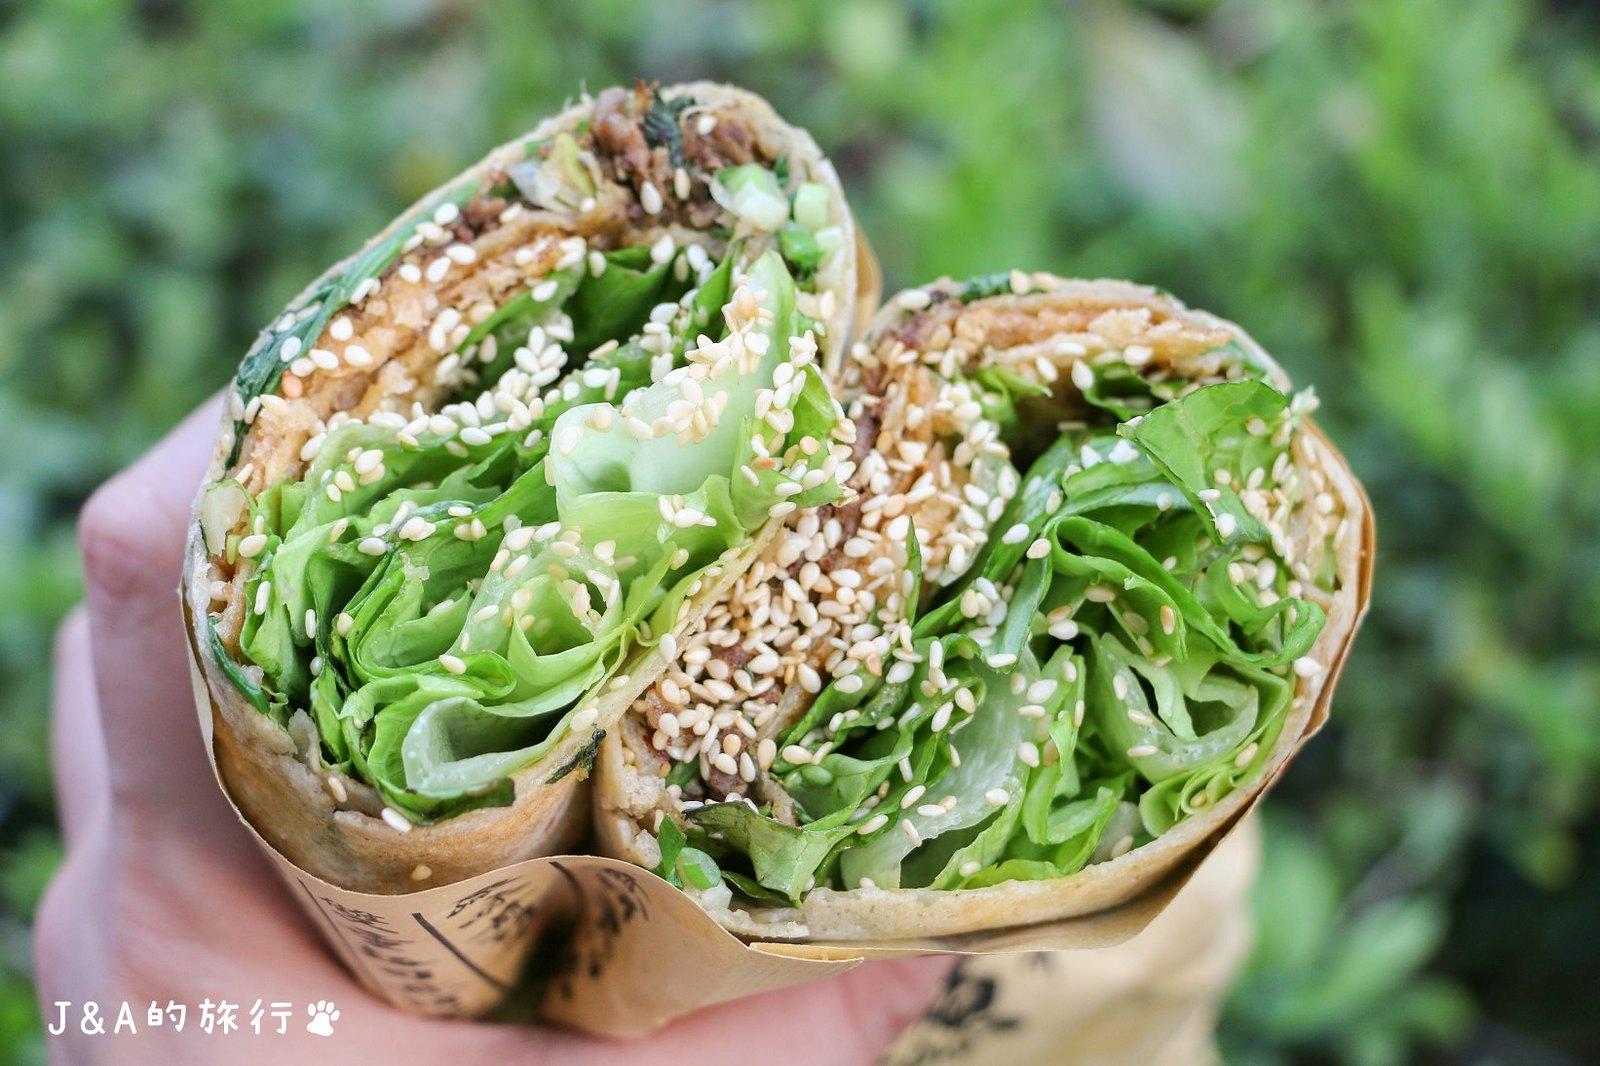 最新推播訊息:蔬菜滿滿大份量煎餅果子45元起,北京烤鴨肉量十足超過癮